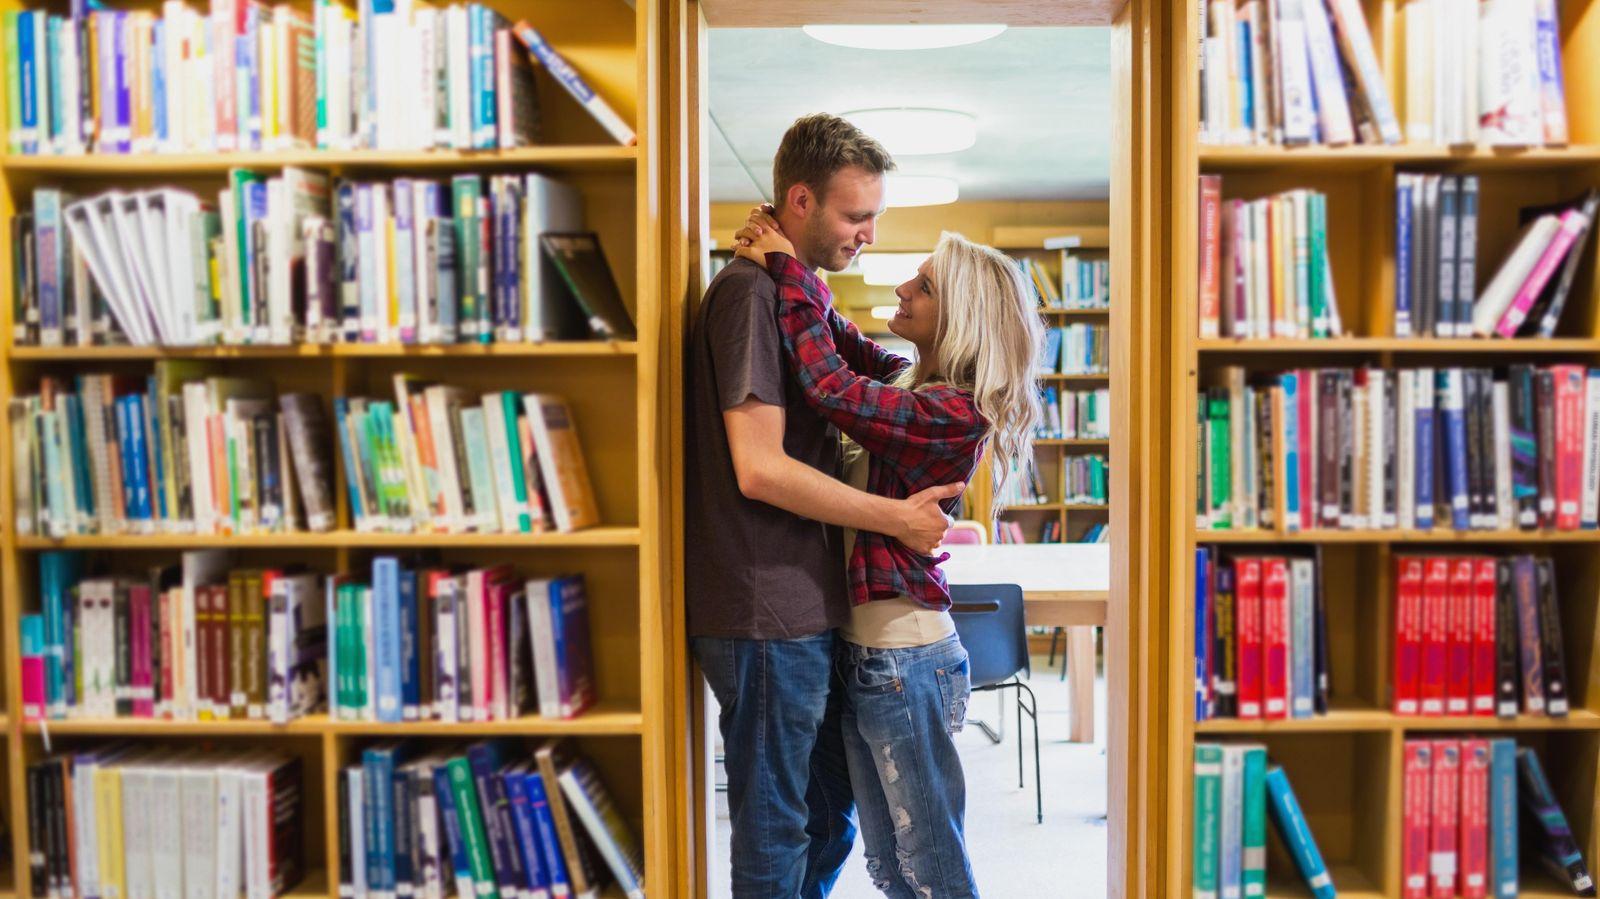 Foto: Las relaciones de pareja son vistas como una competición en algunos centros educativos. (Corbis)